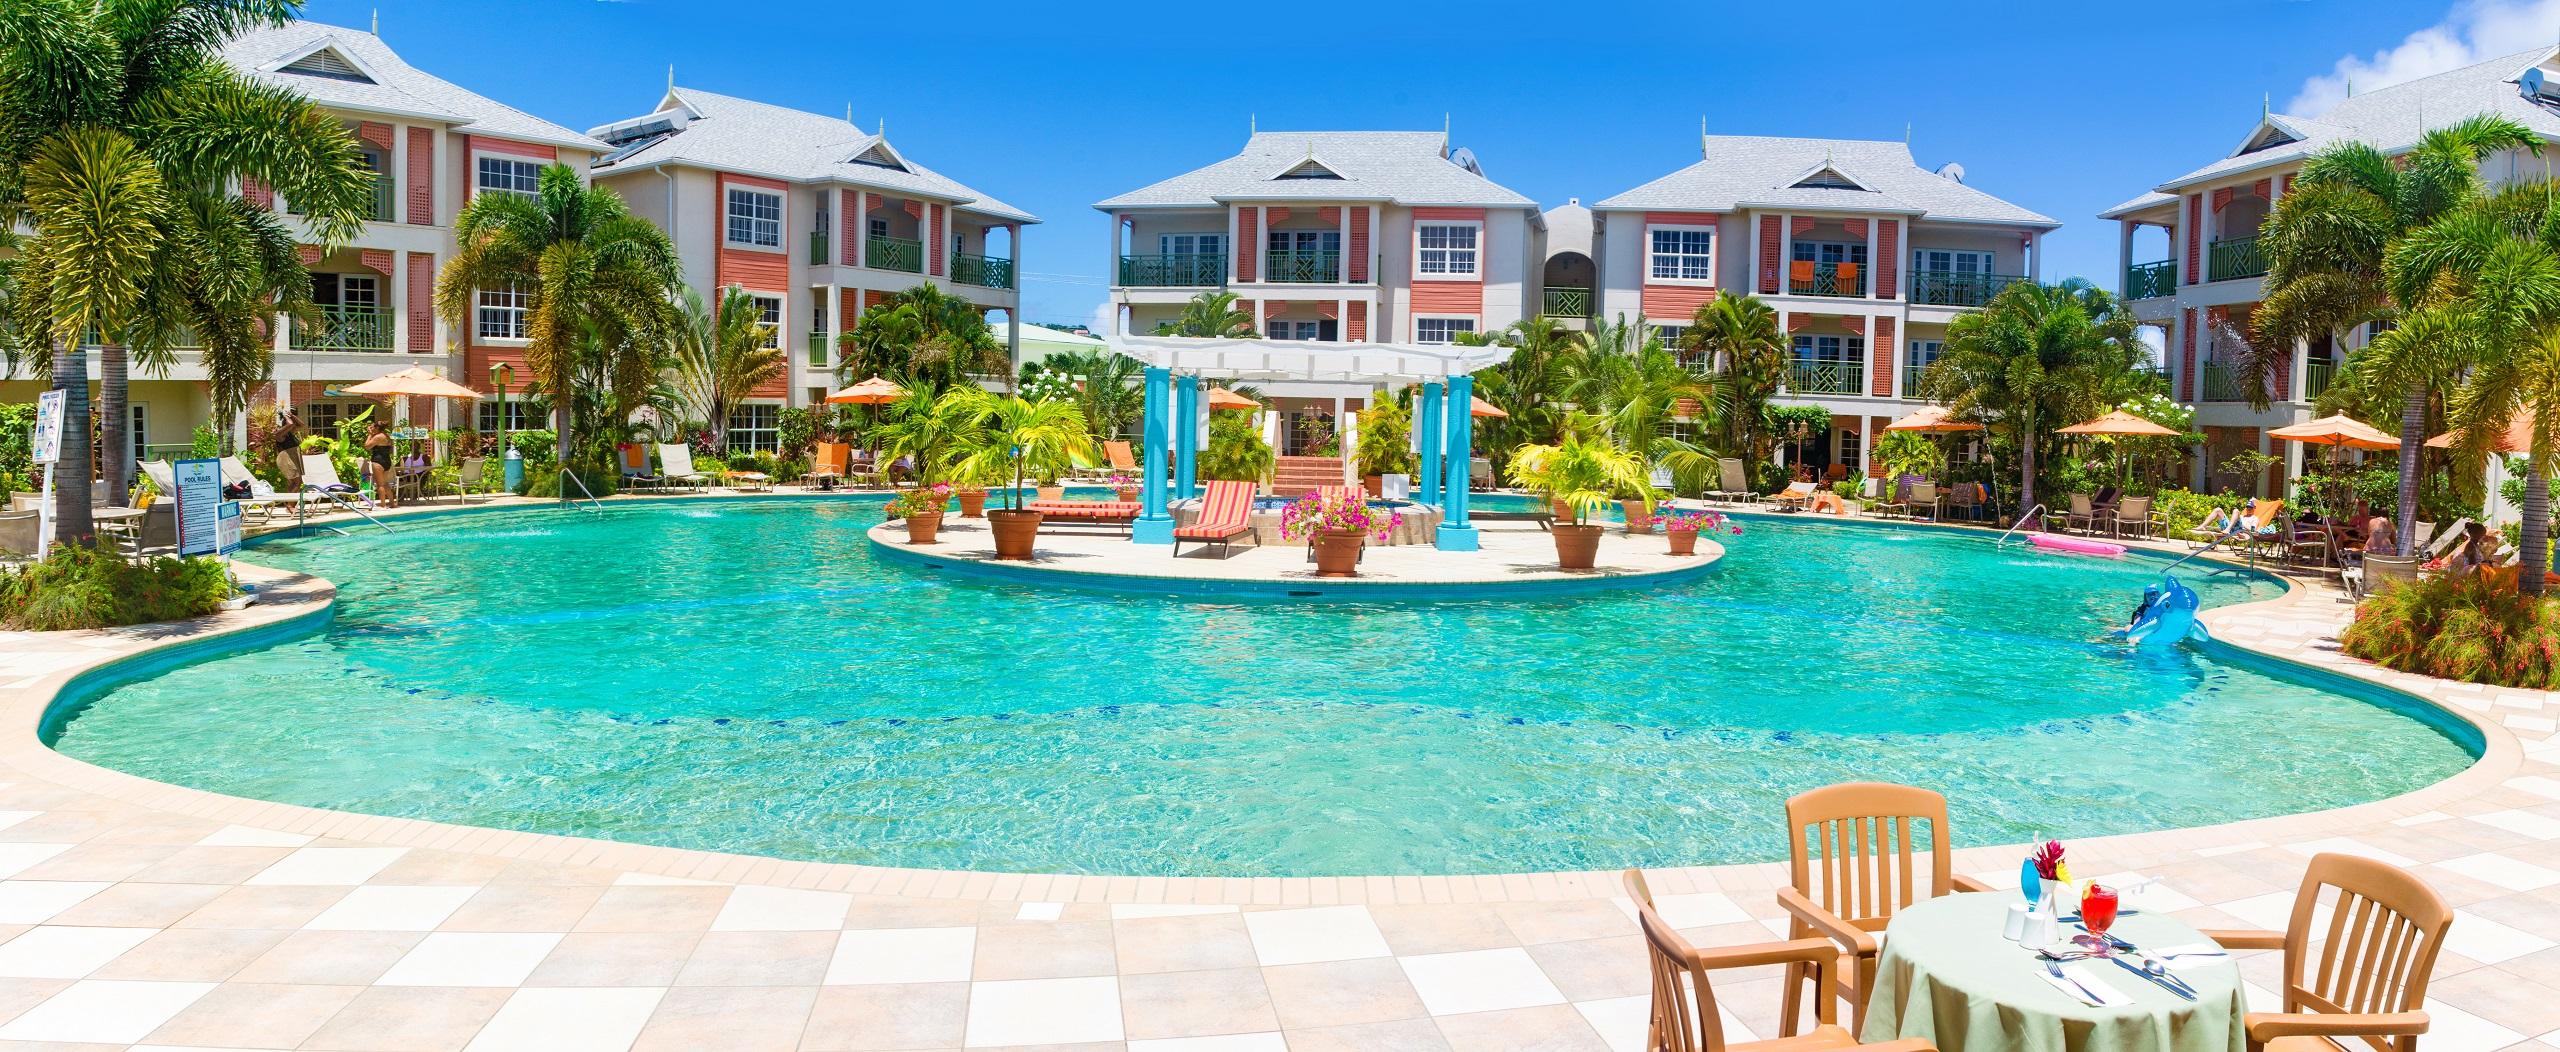 Bay Gardens Beach Resort La Belle Helene Guide SLHTA